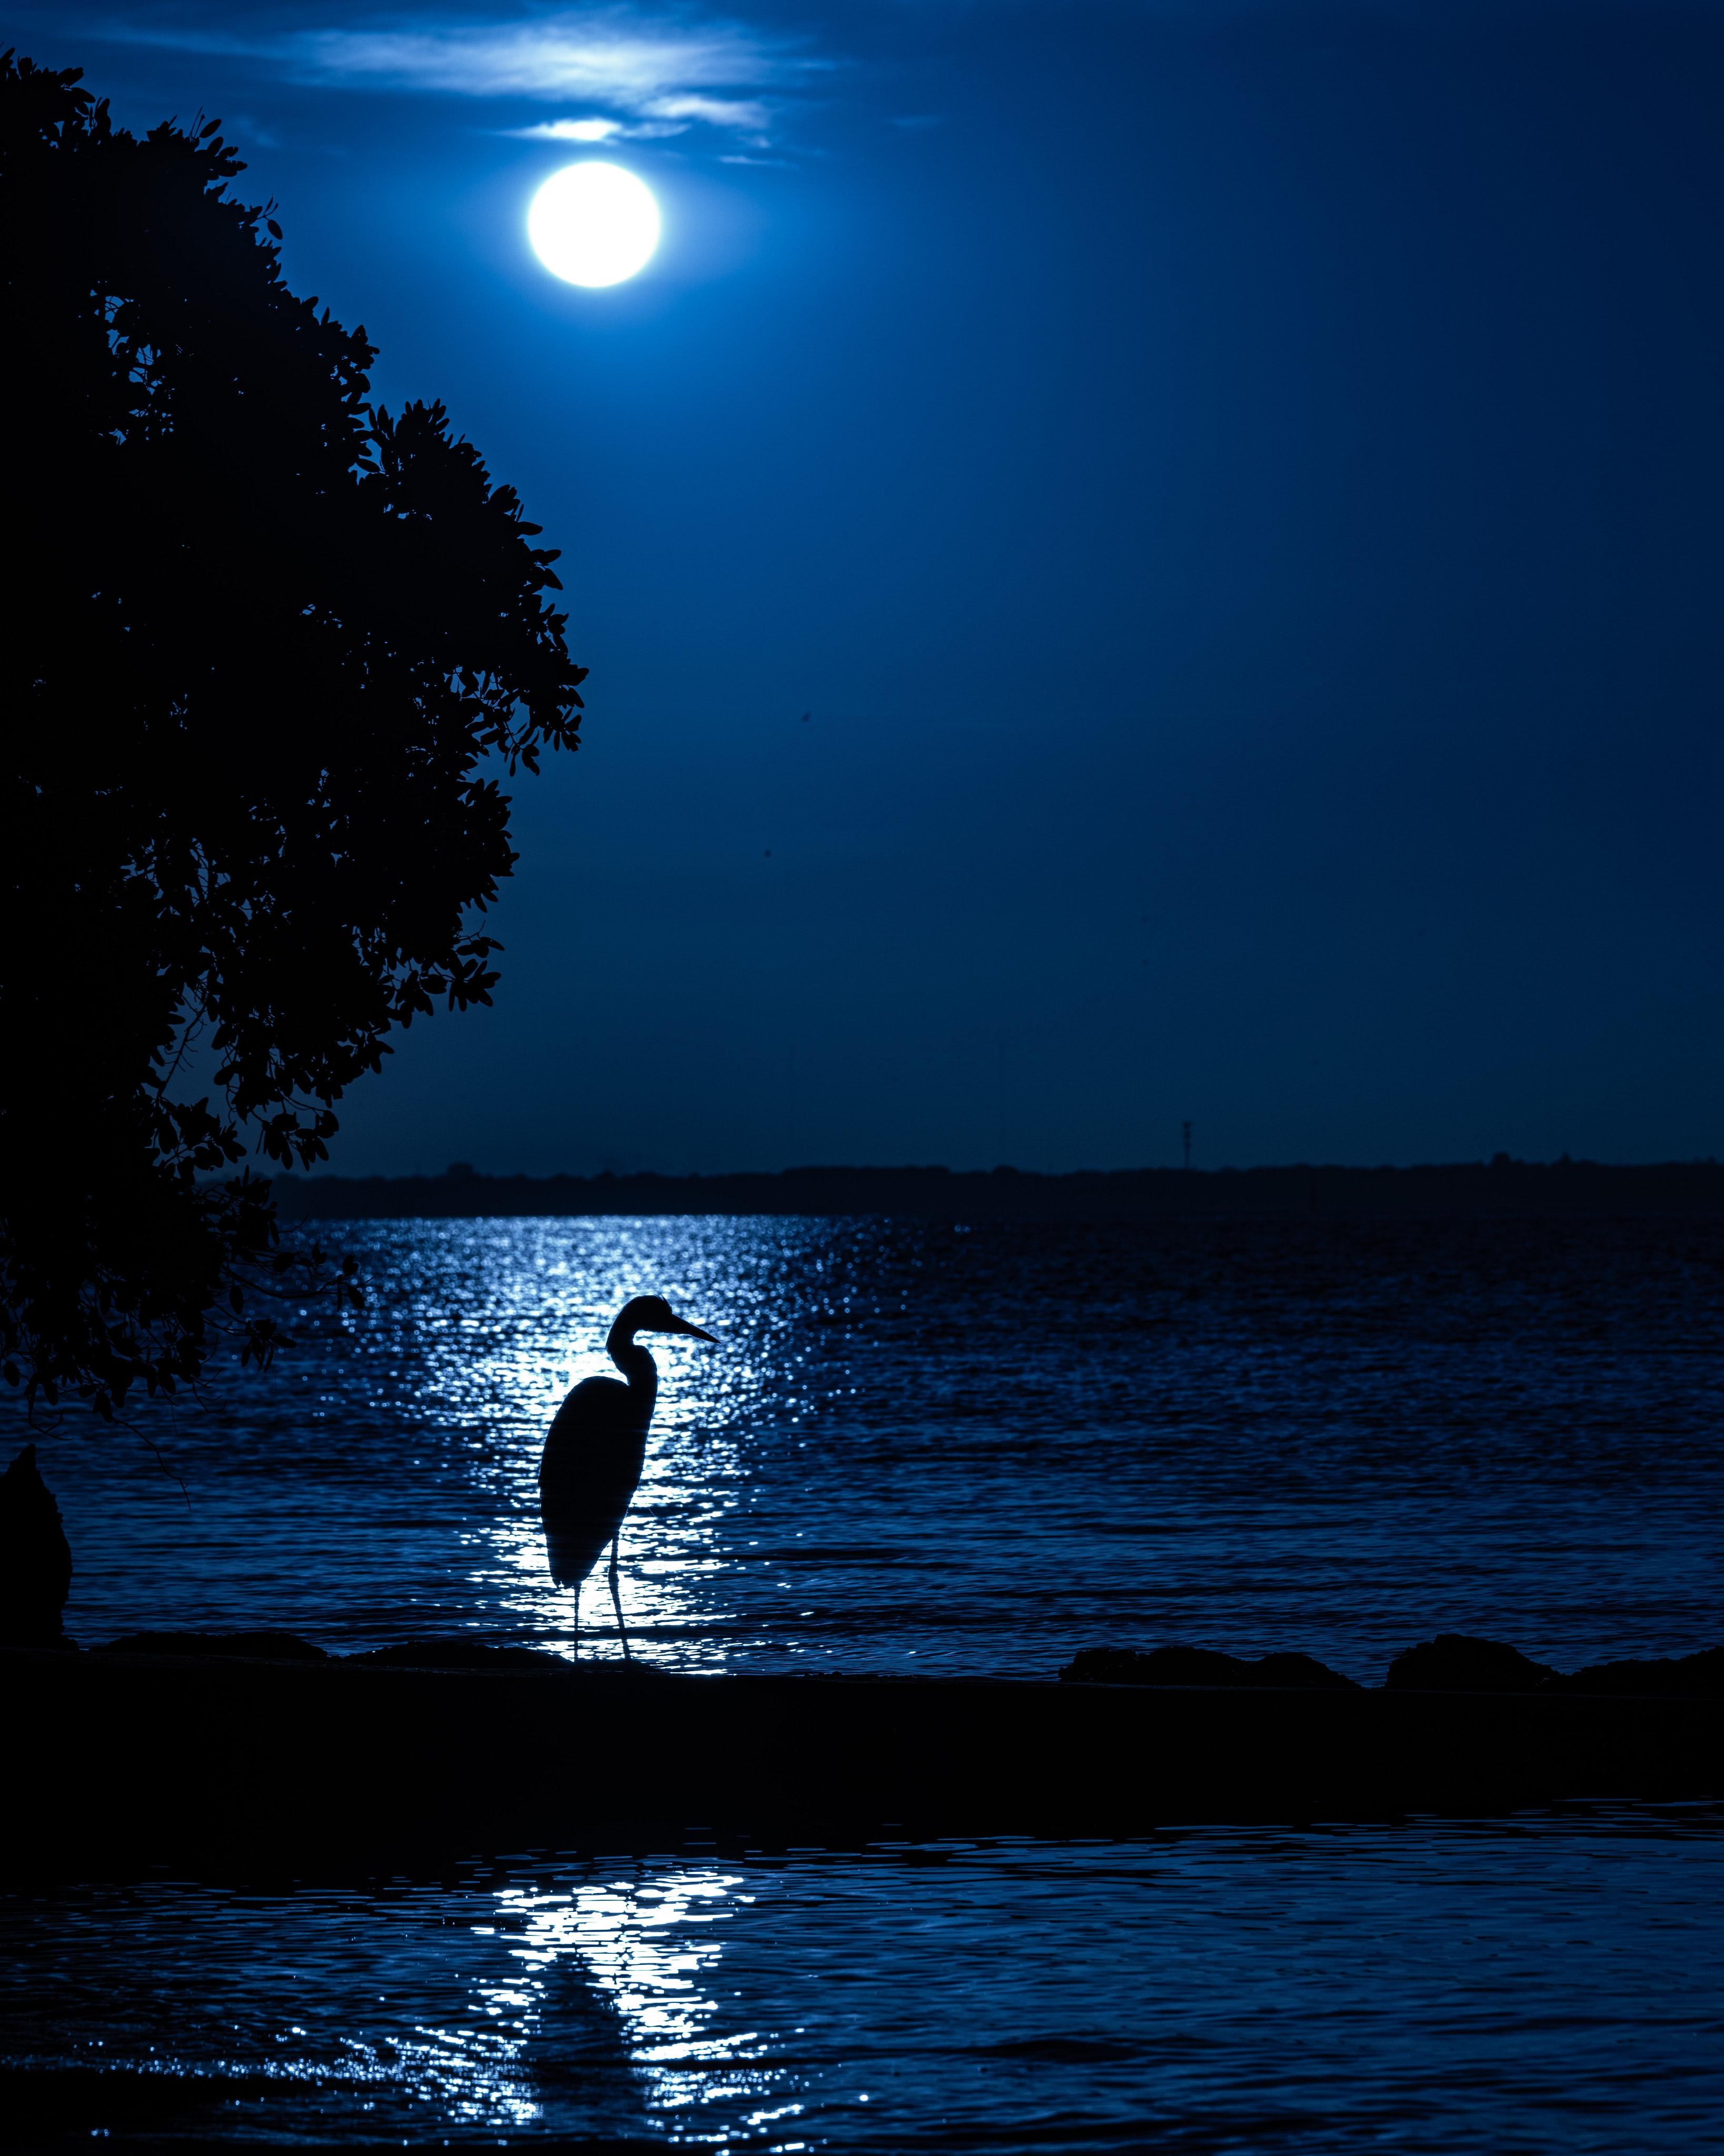 107110 скачать обои Луна, Темные, Ночь, Силуэт, Цапля - заставки и картинки бесплатно